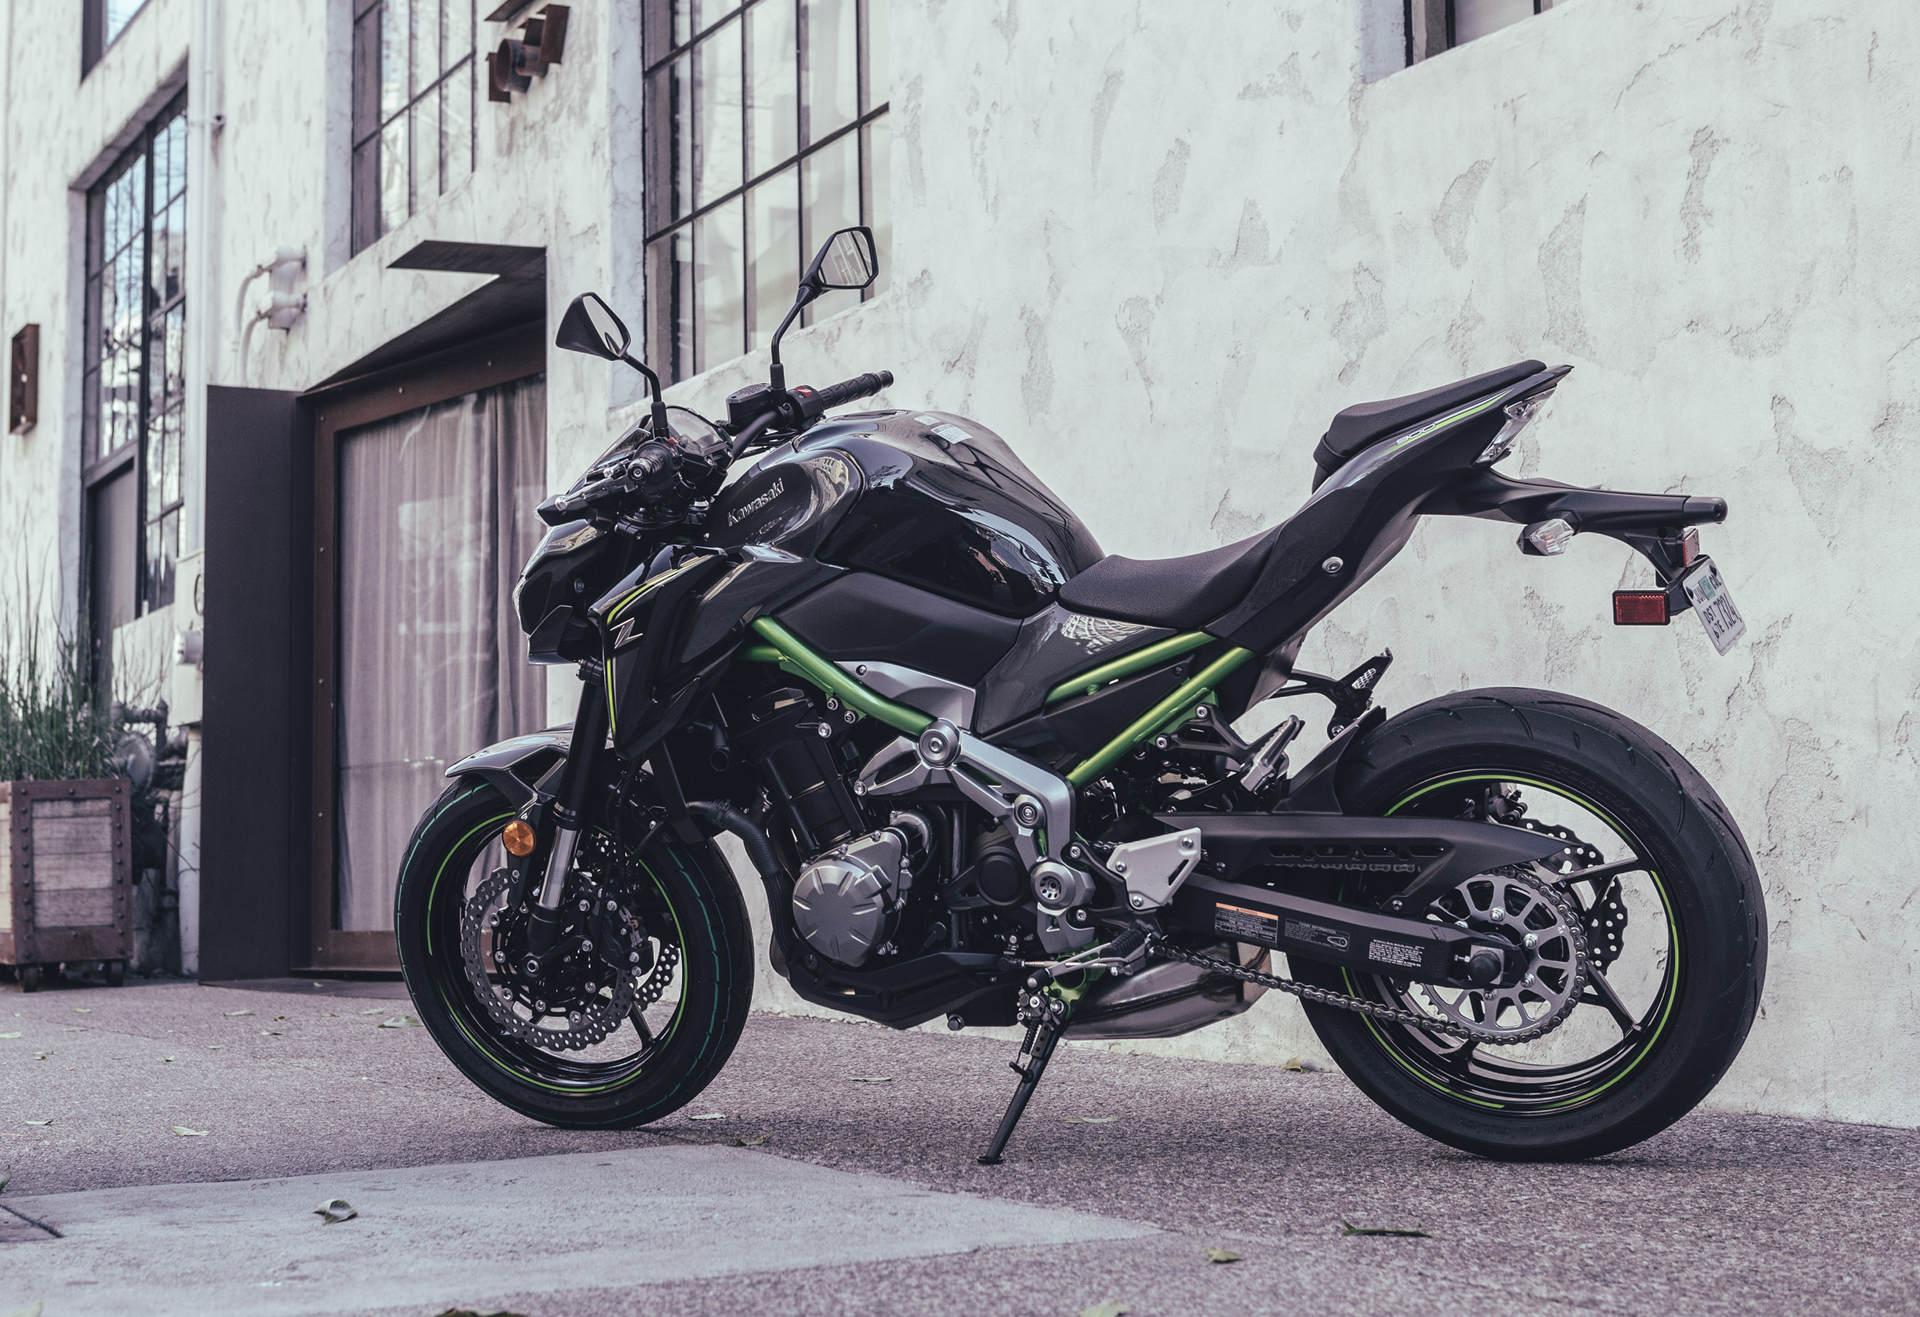 2017 Kawasaki Z900: MD First Ride – Part 2 - MotorcycleDaily